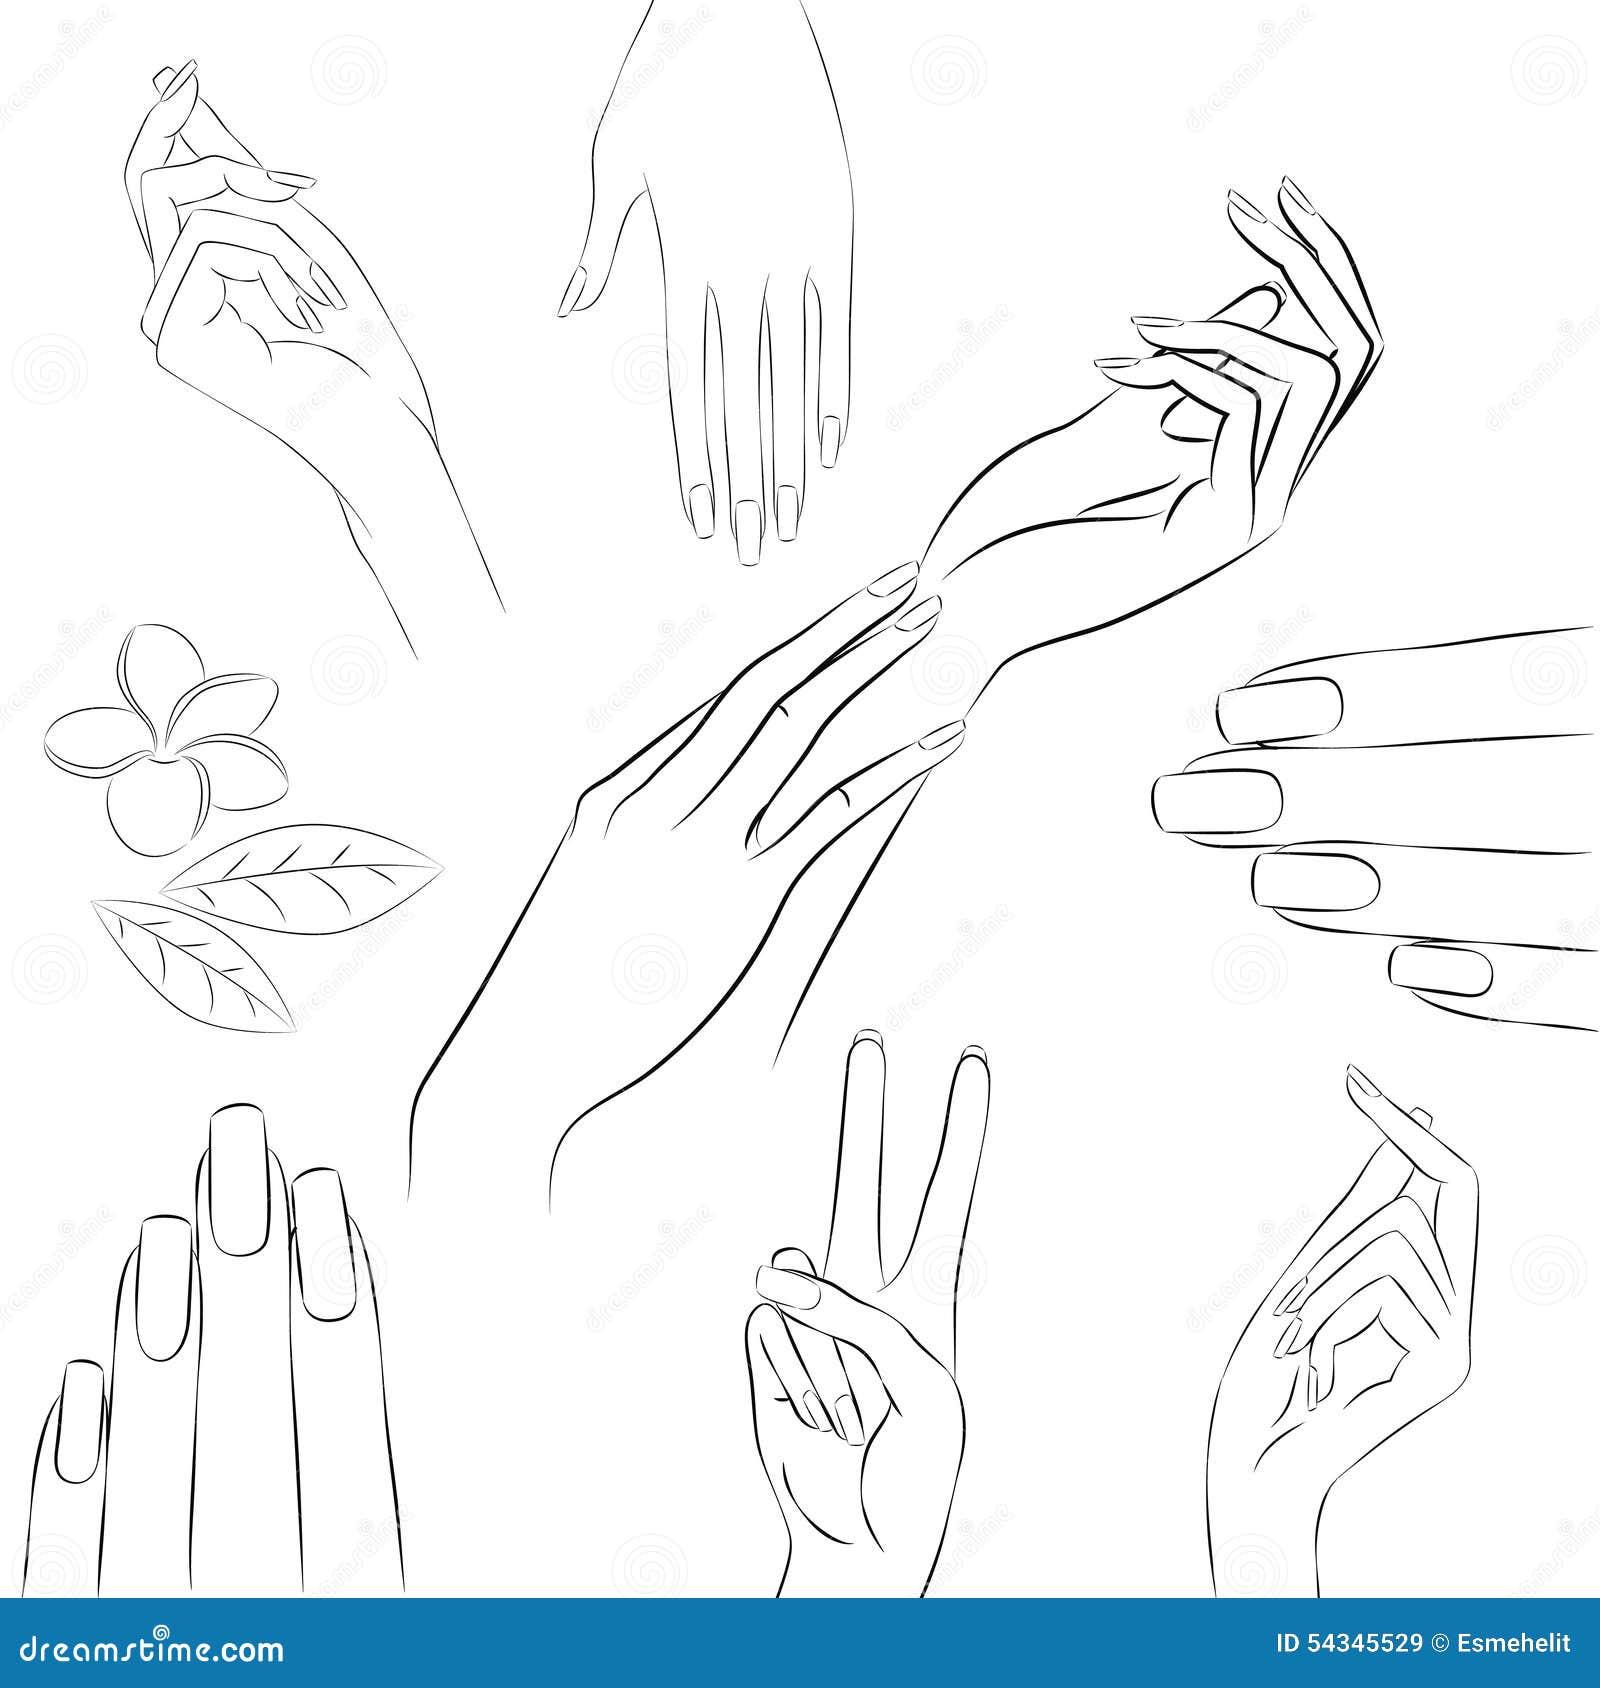 Coleção das mãos em vários gestos, tratamento de mãos